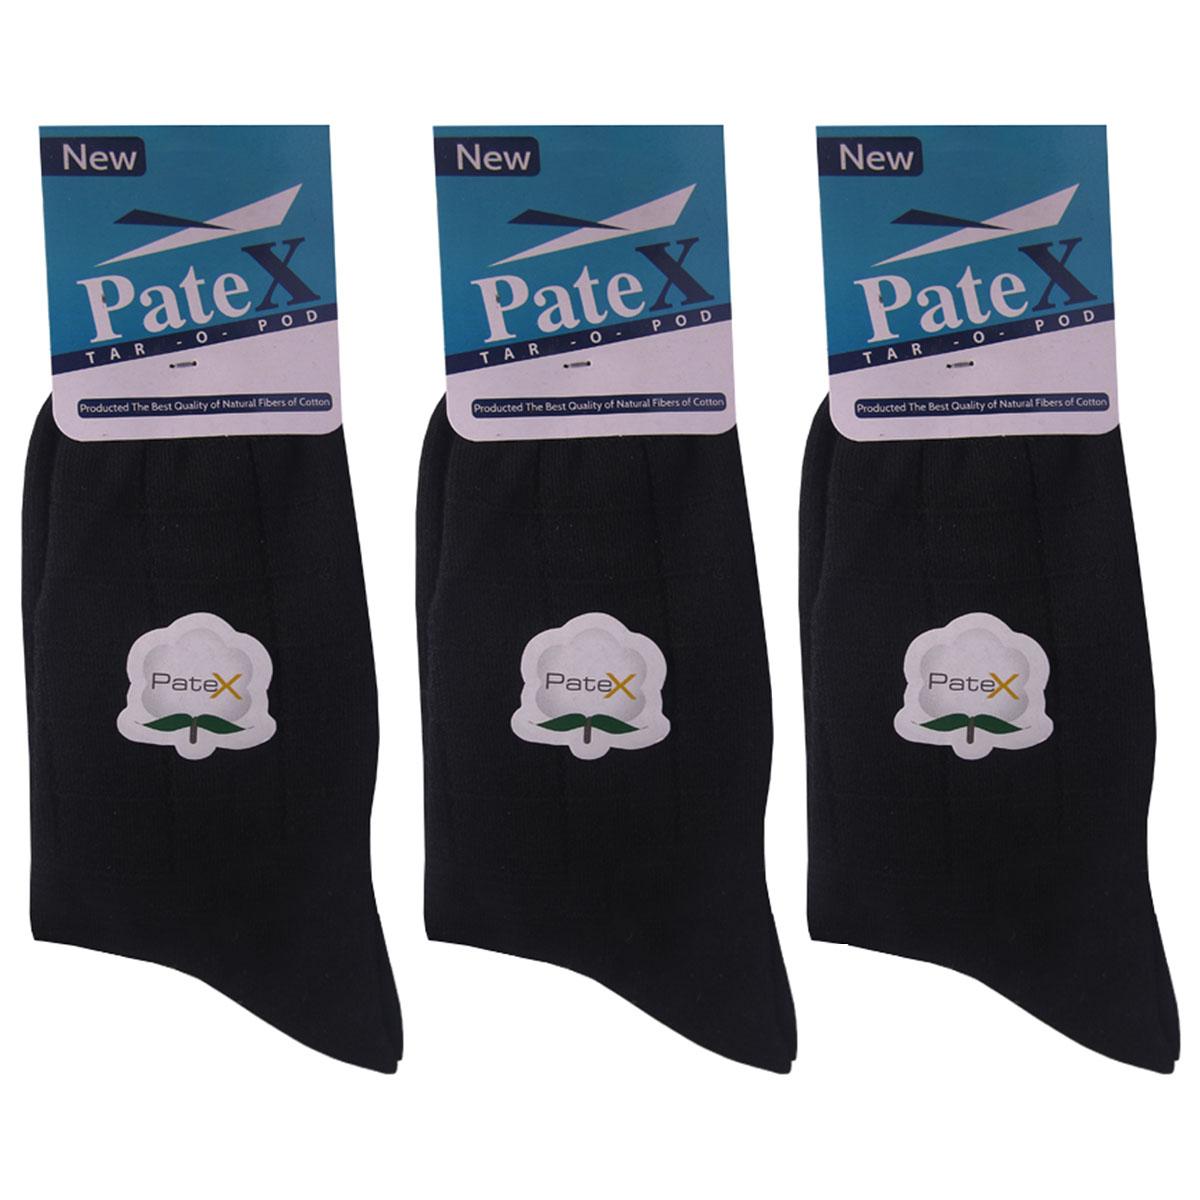 جوراب مردانه پتکس مدل a101 بسته 3 عددی